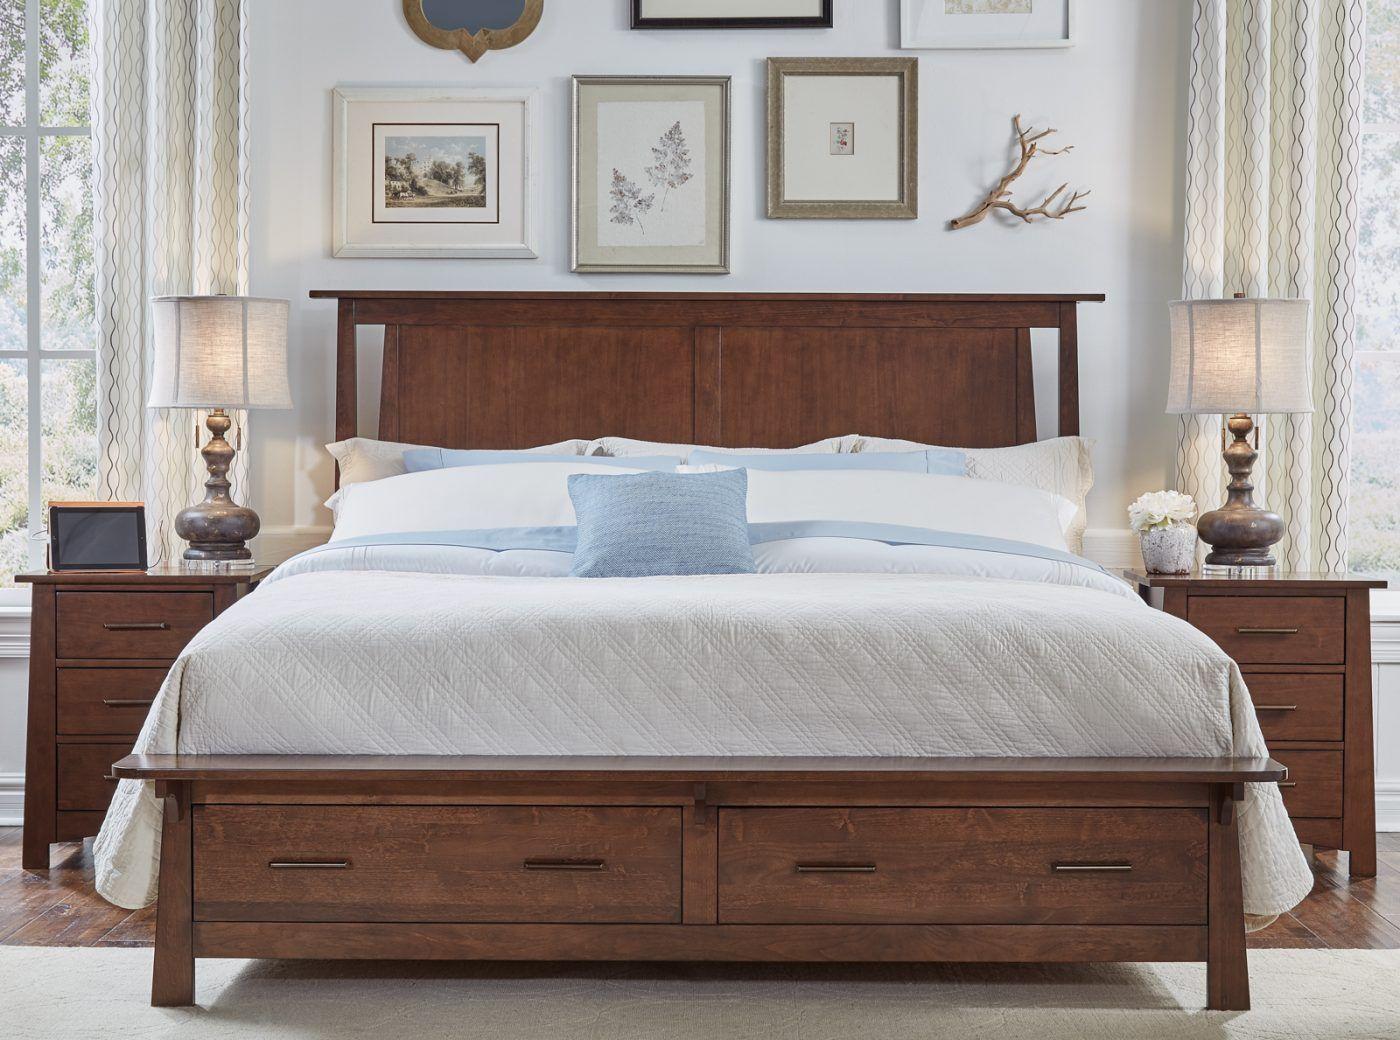 Resultado de imagen para camas de madera matrimoniales rusticas ...